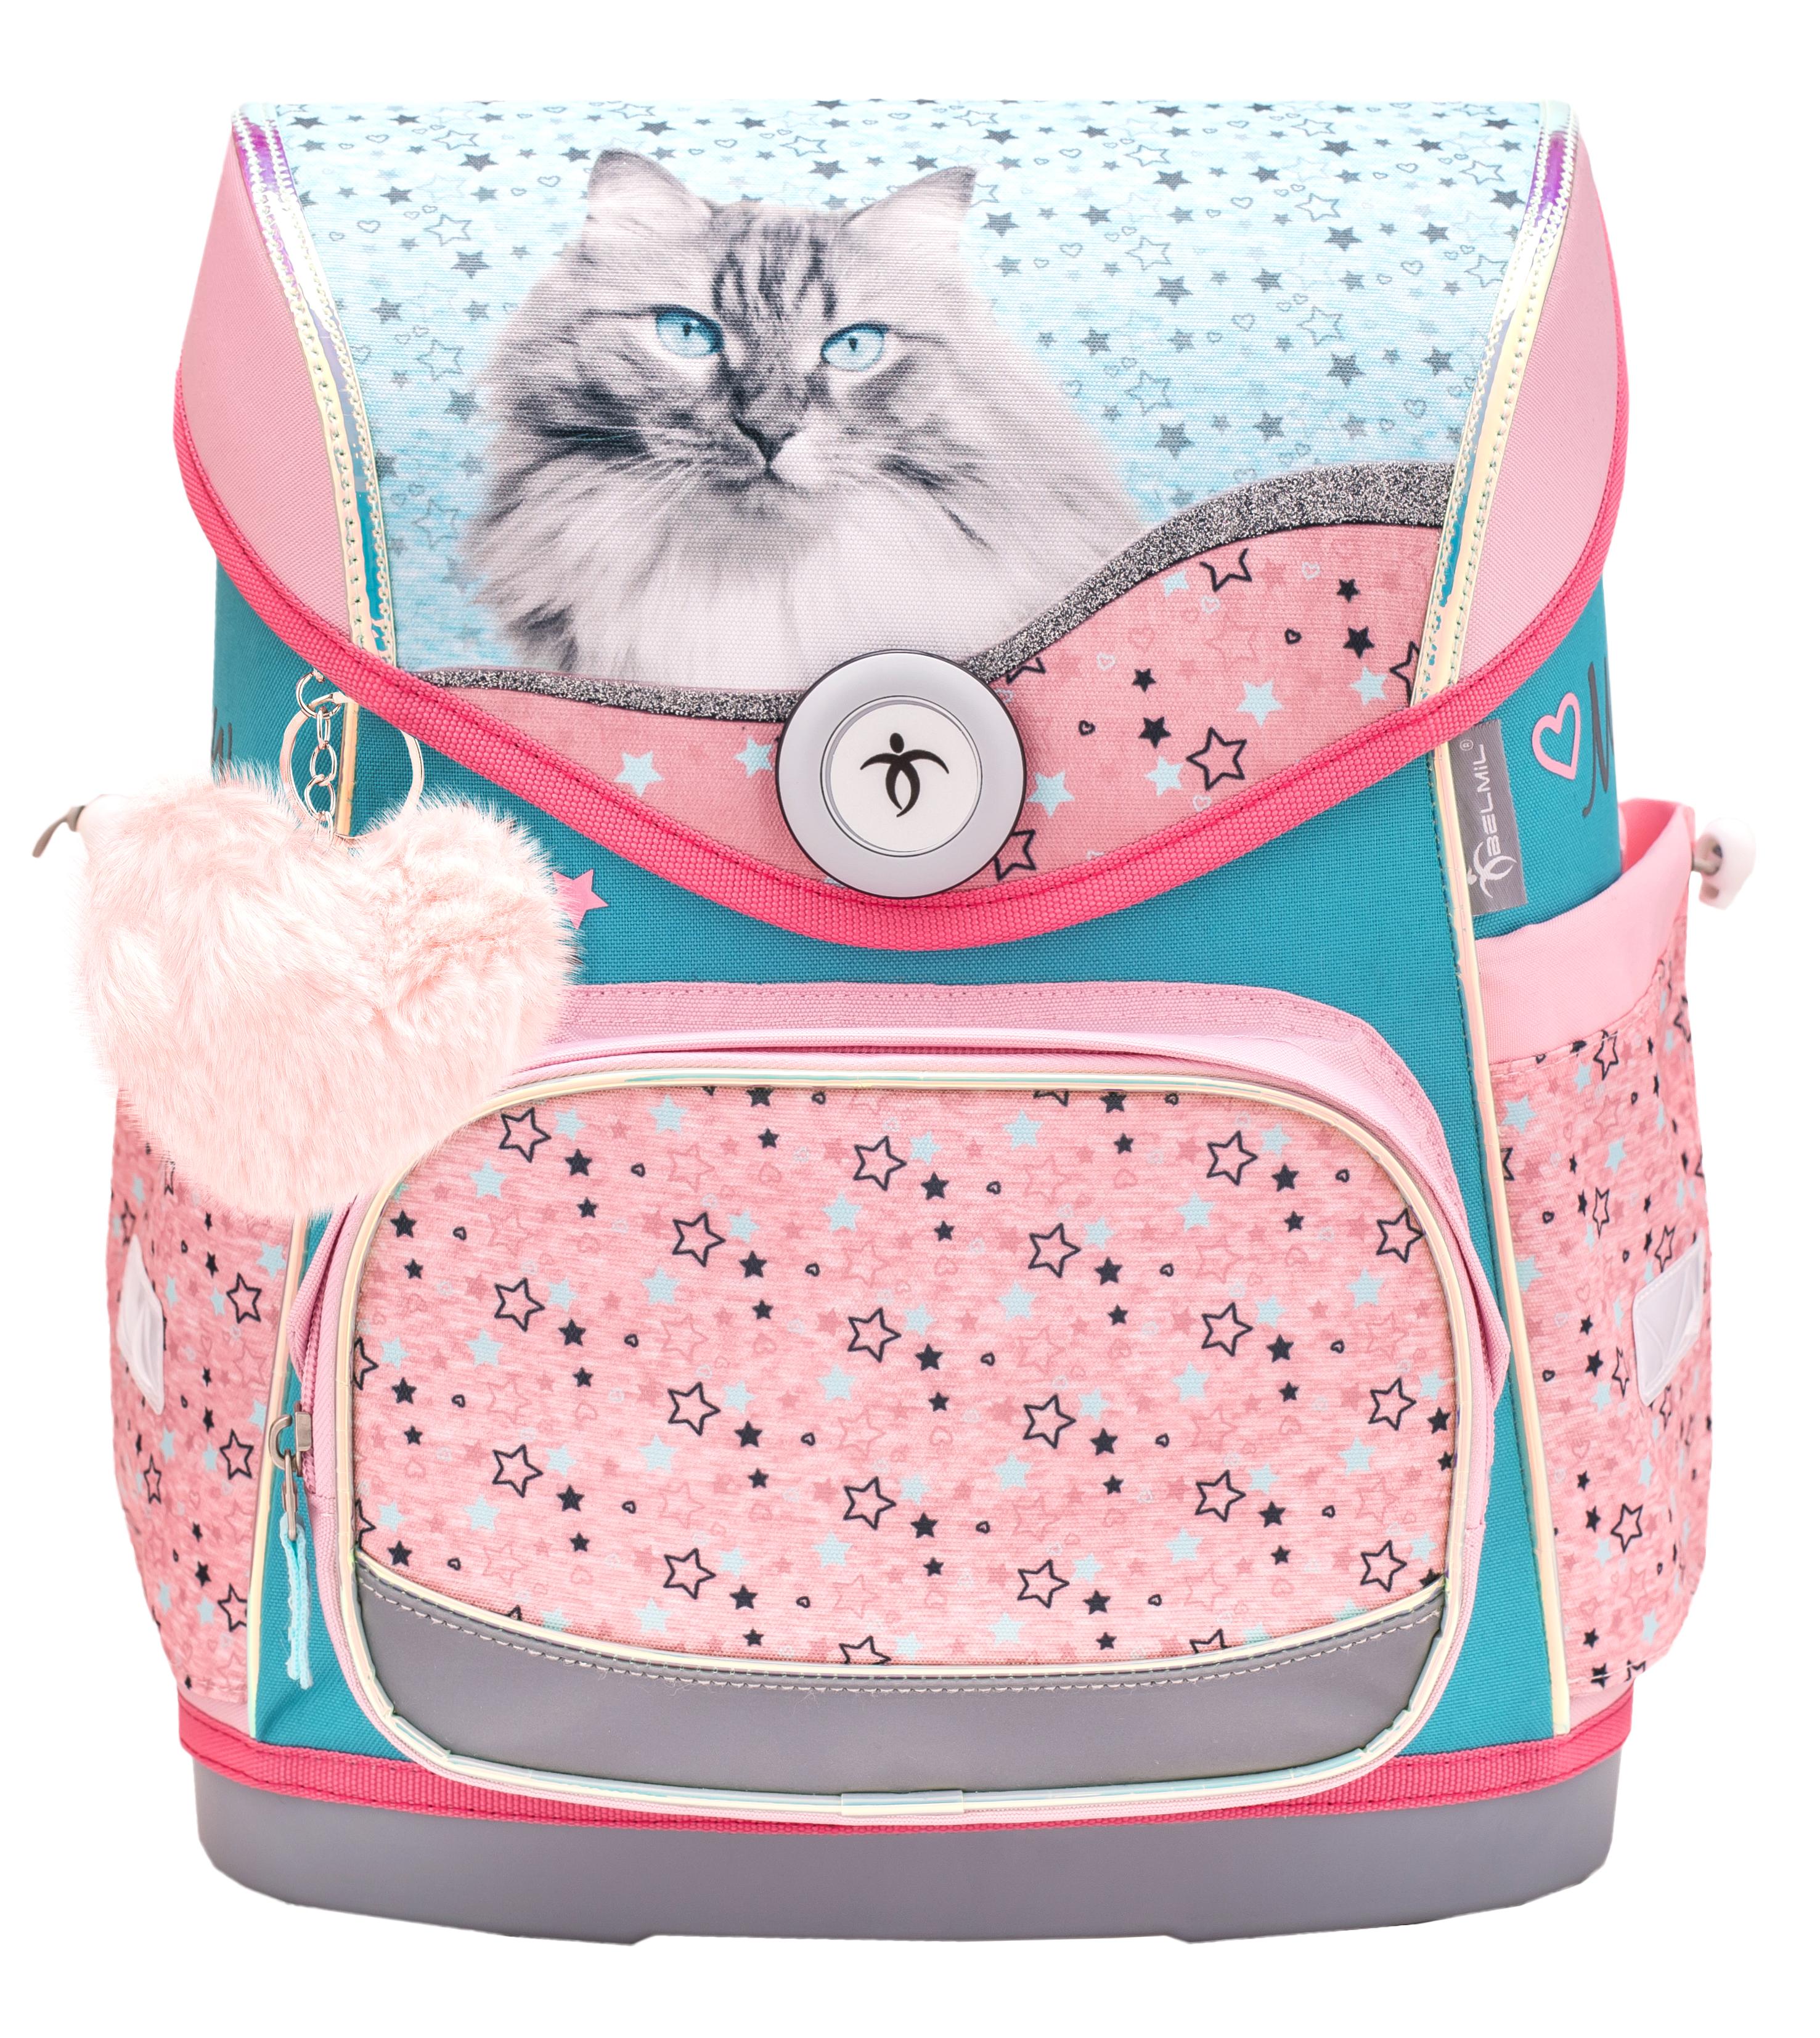 4-tlg. Schulranzenset Compact 19 Liter - Little Friend Meow